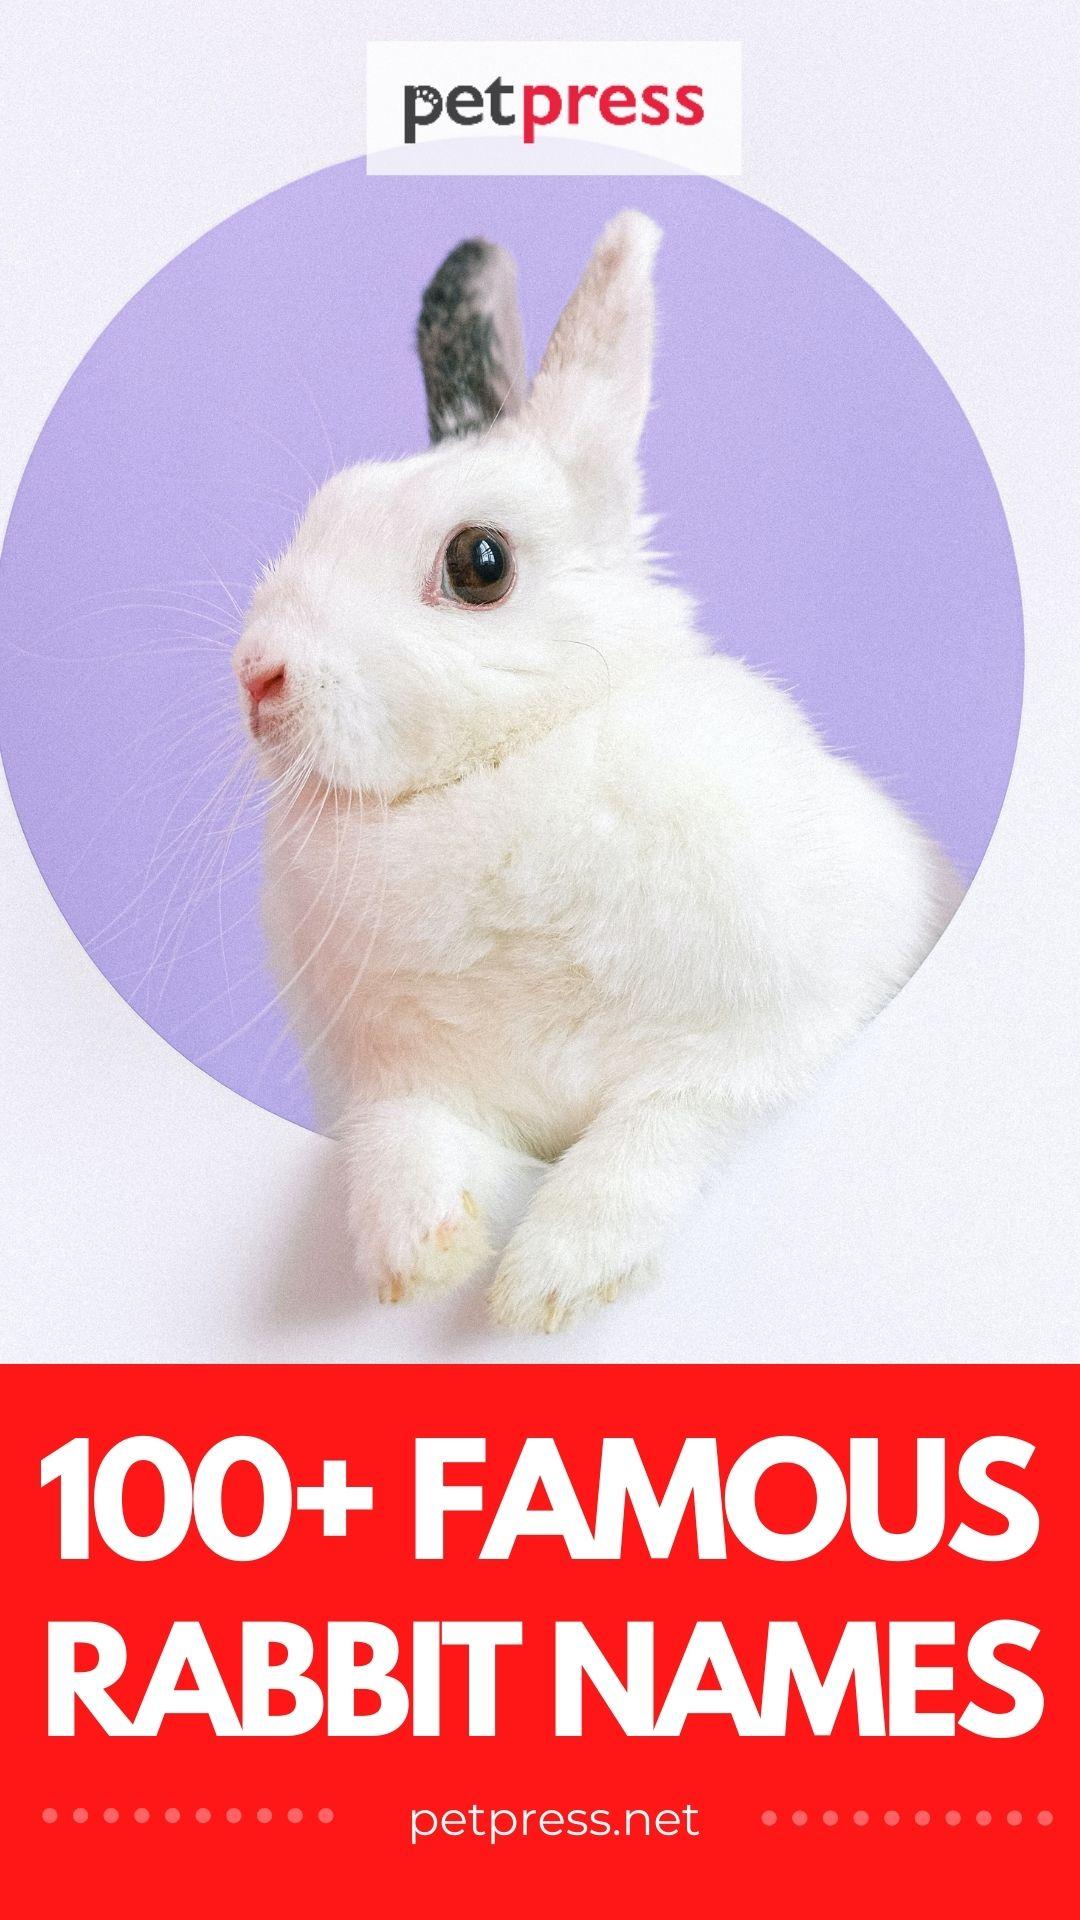 100+ famous rabbit names